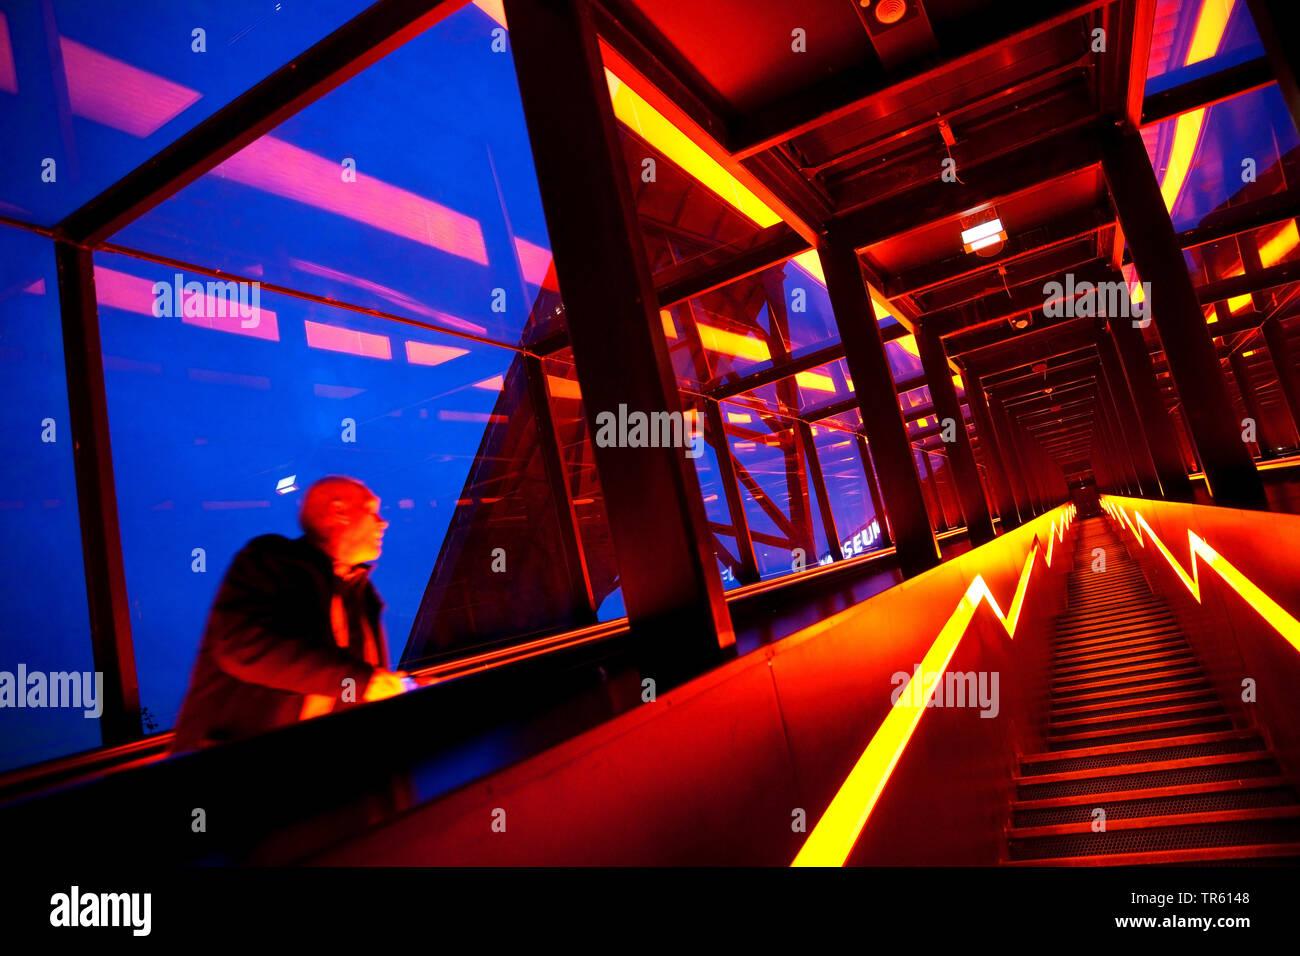 illuminated stairways to the Ruhr Museum, Zeche Zollverein, Zollverein Coal Mine Industrial Complex, Germany, North Rhine-Westphalia, Ruhr Area, Essen - Stock Image